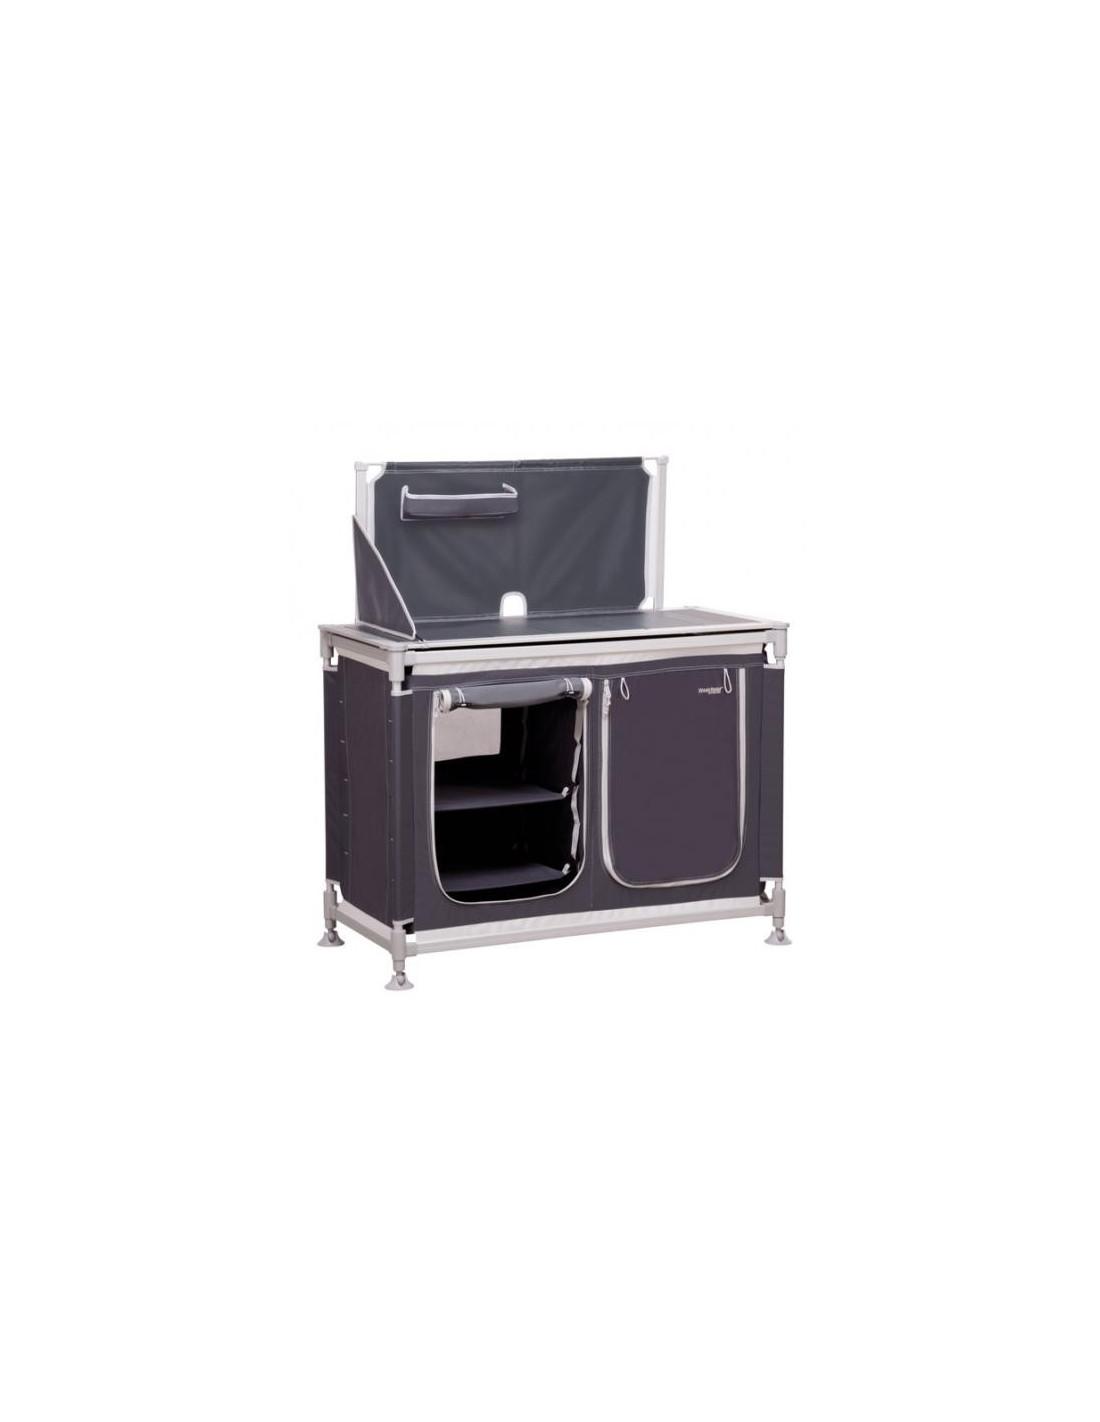 Mueble cocina alta calidad aluminio westfield 4 estantes tienda de camping online - Mueble encimera cocina ...